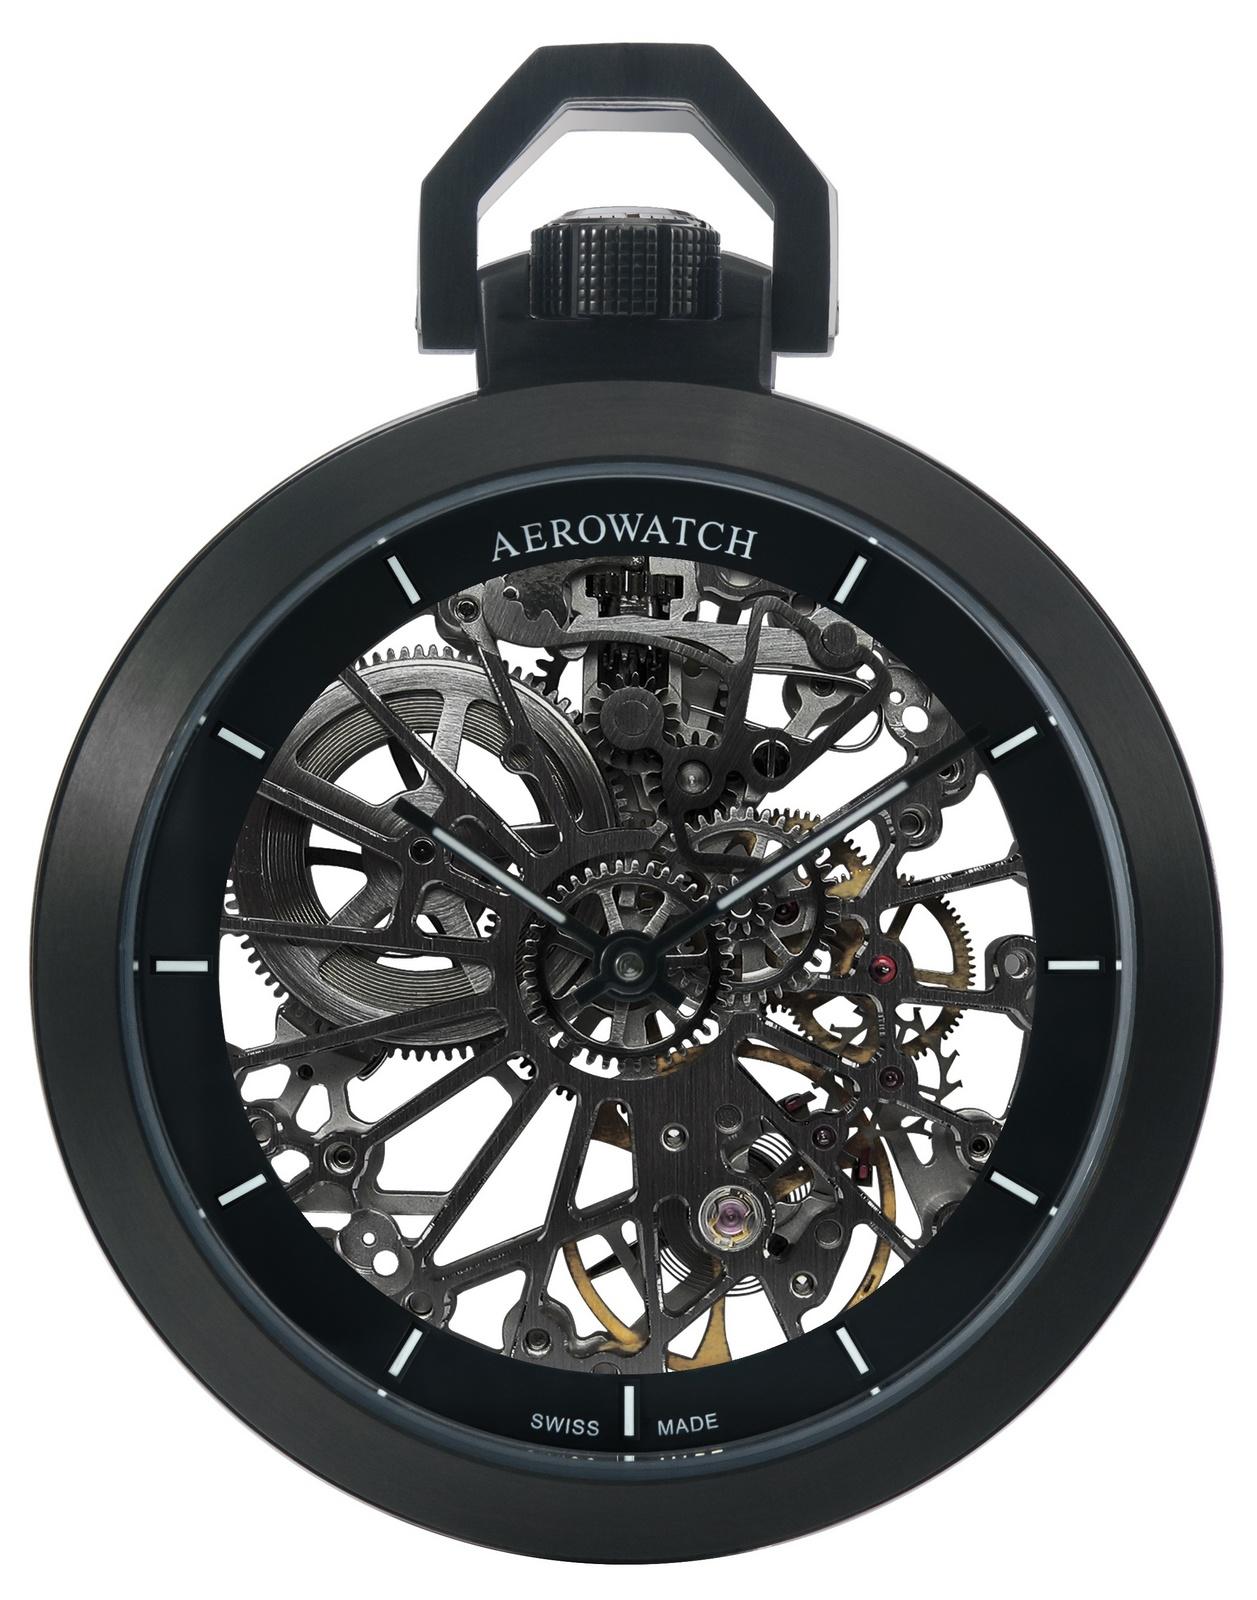 j 39 aime les montres la montre de poche du jour aerowatch cobweb. Black Bedroom Furniture Sets. Home Design Ideas